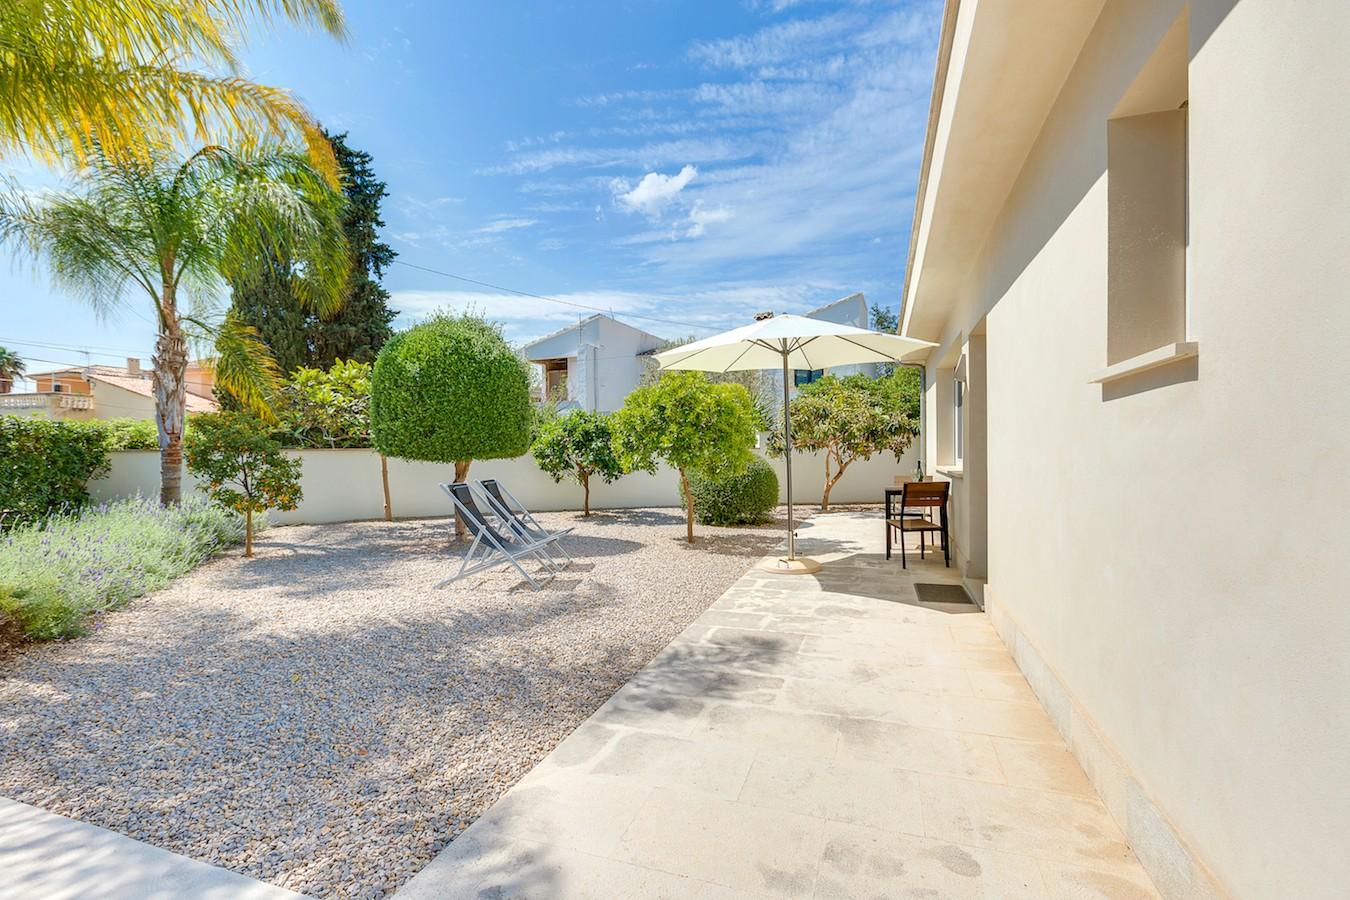 apartments in palma de mallorca arabella apartments 2. Black Bedroom Furniture Sets. Home Design Ideas